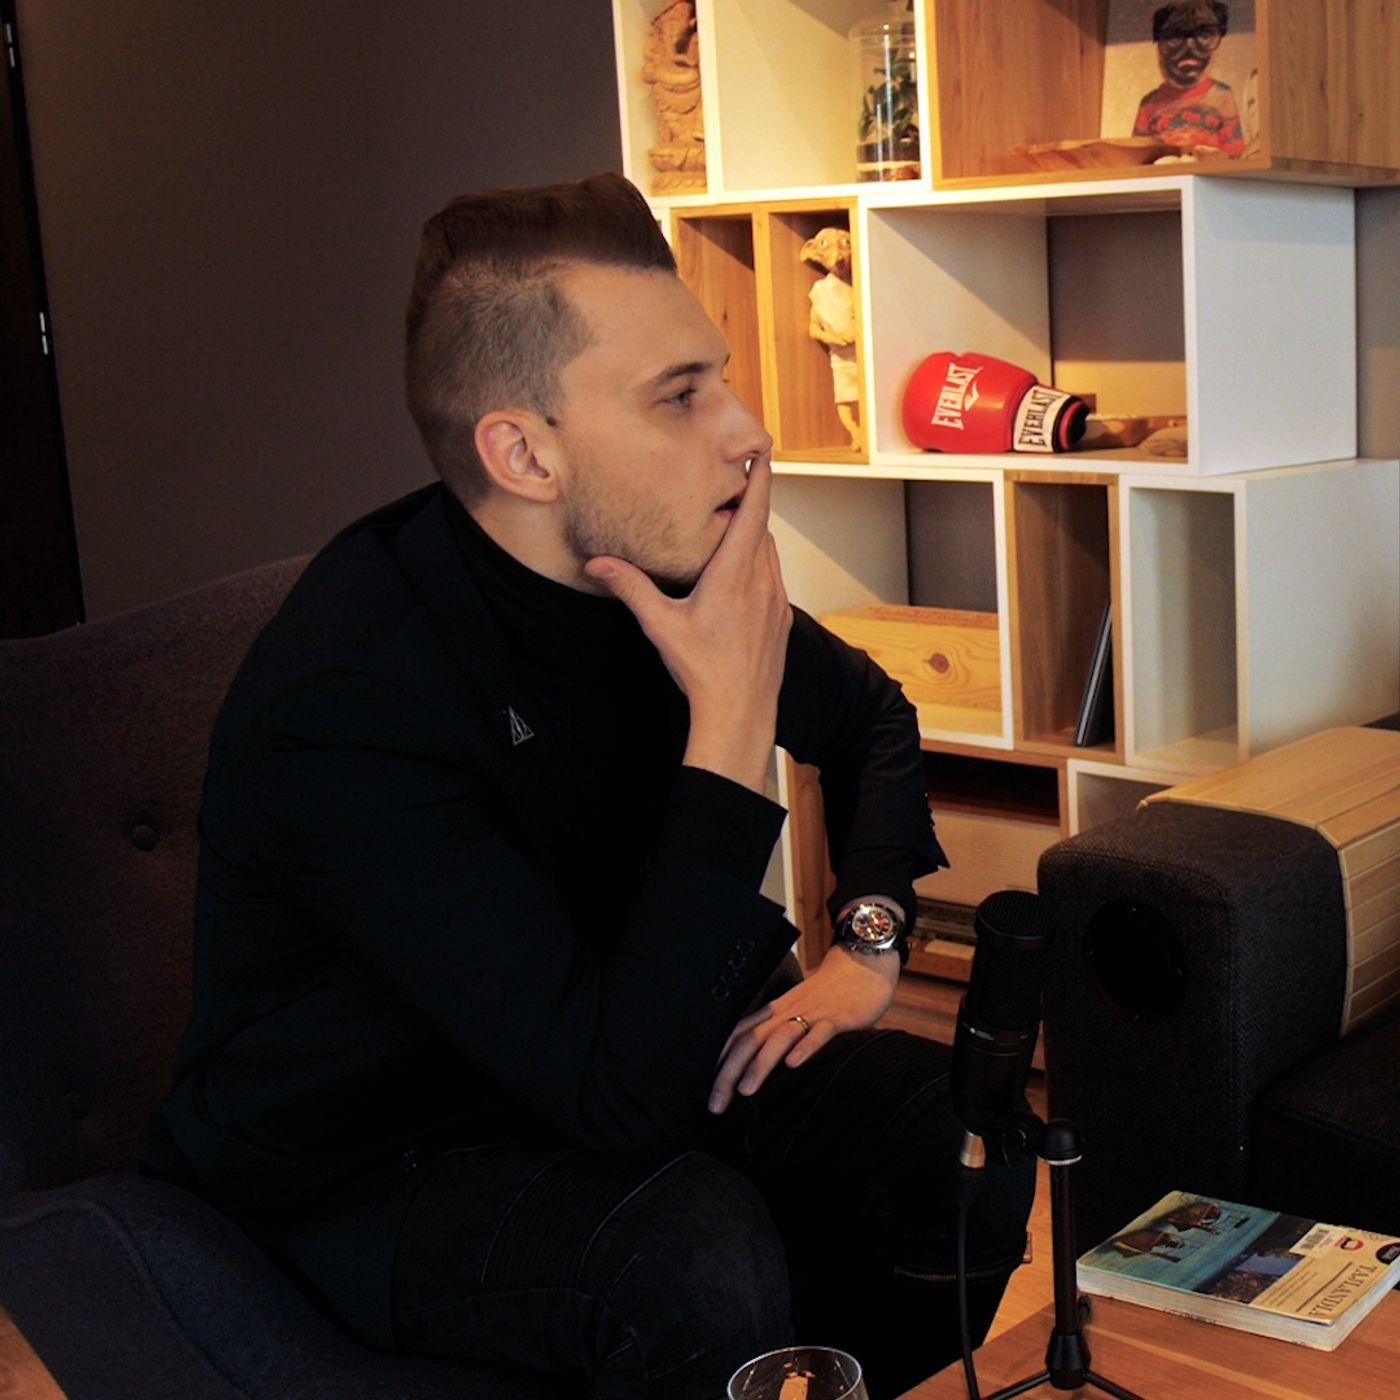 #17 Y - najbardziej znany iluzjonista w Polsce i twórca kanału na Youtube - Magic of Y.